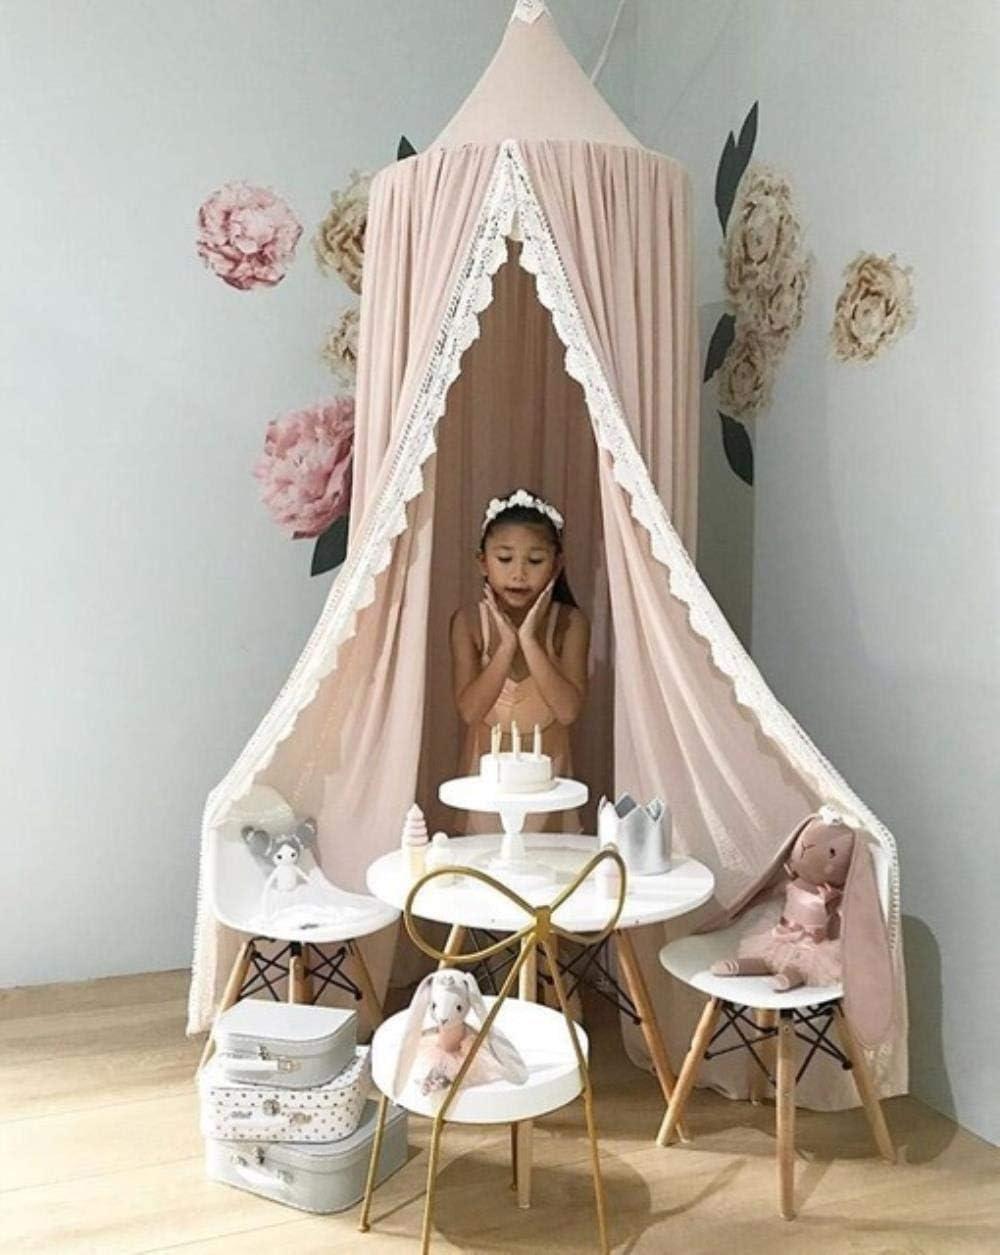 WXH Cama Redonda mosquitera cúpula Colgante Cama de algodón con Dosel Princesa Cortina Agradable para Hamaca decoración de la habitación Dossel, Rosa